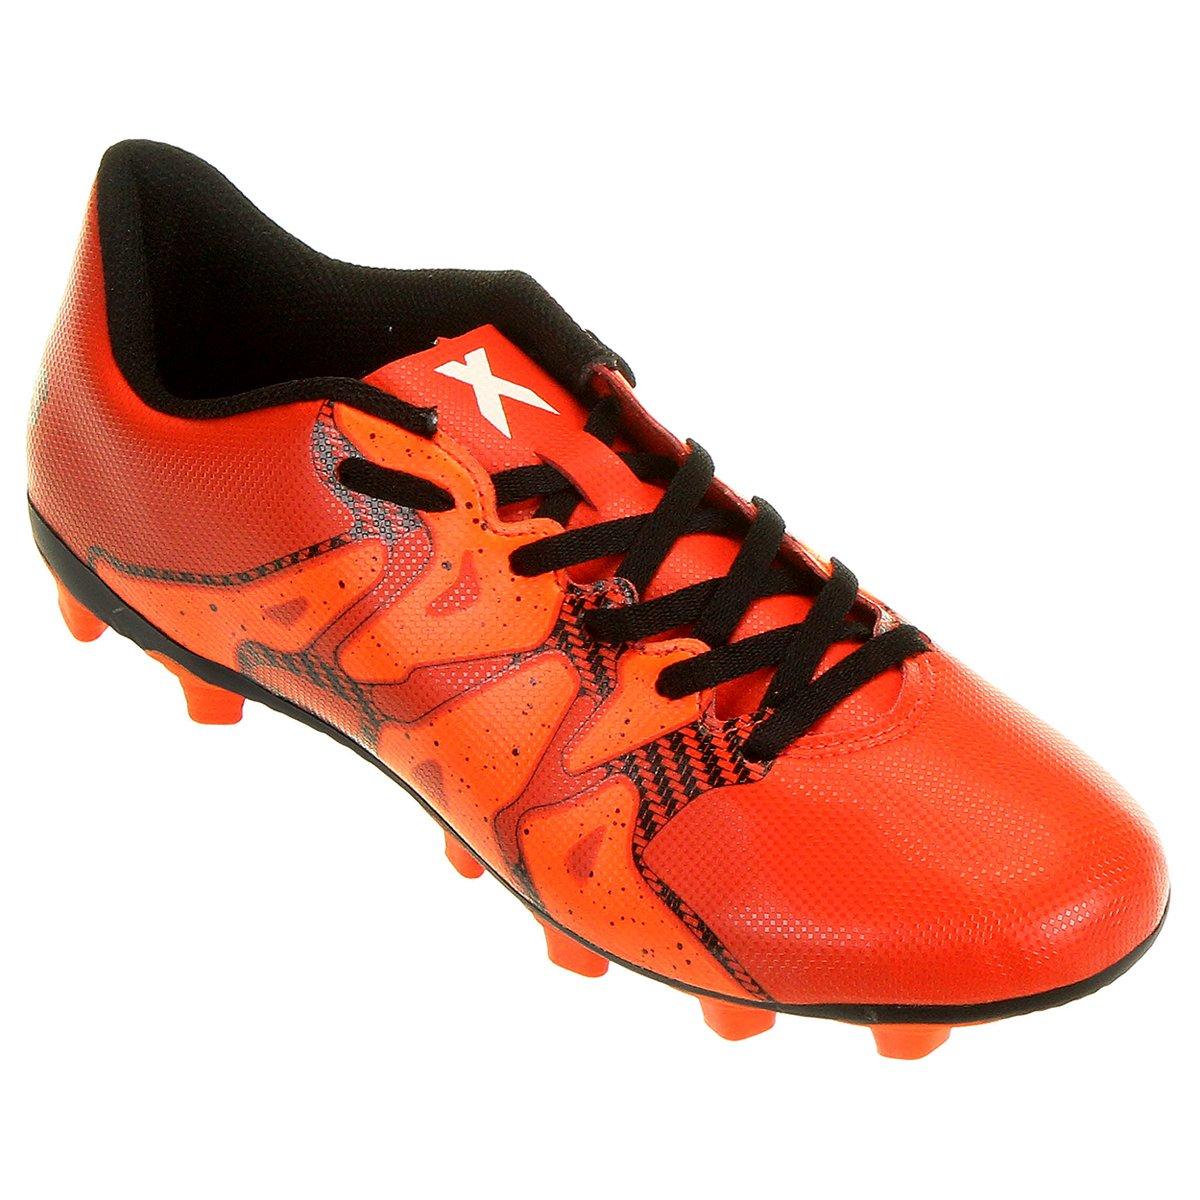 Chuteira Adidas X 15 4 FG Campo - Compre Agora  1054a3a862d8d